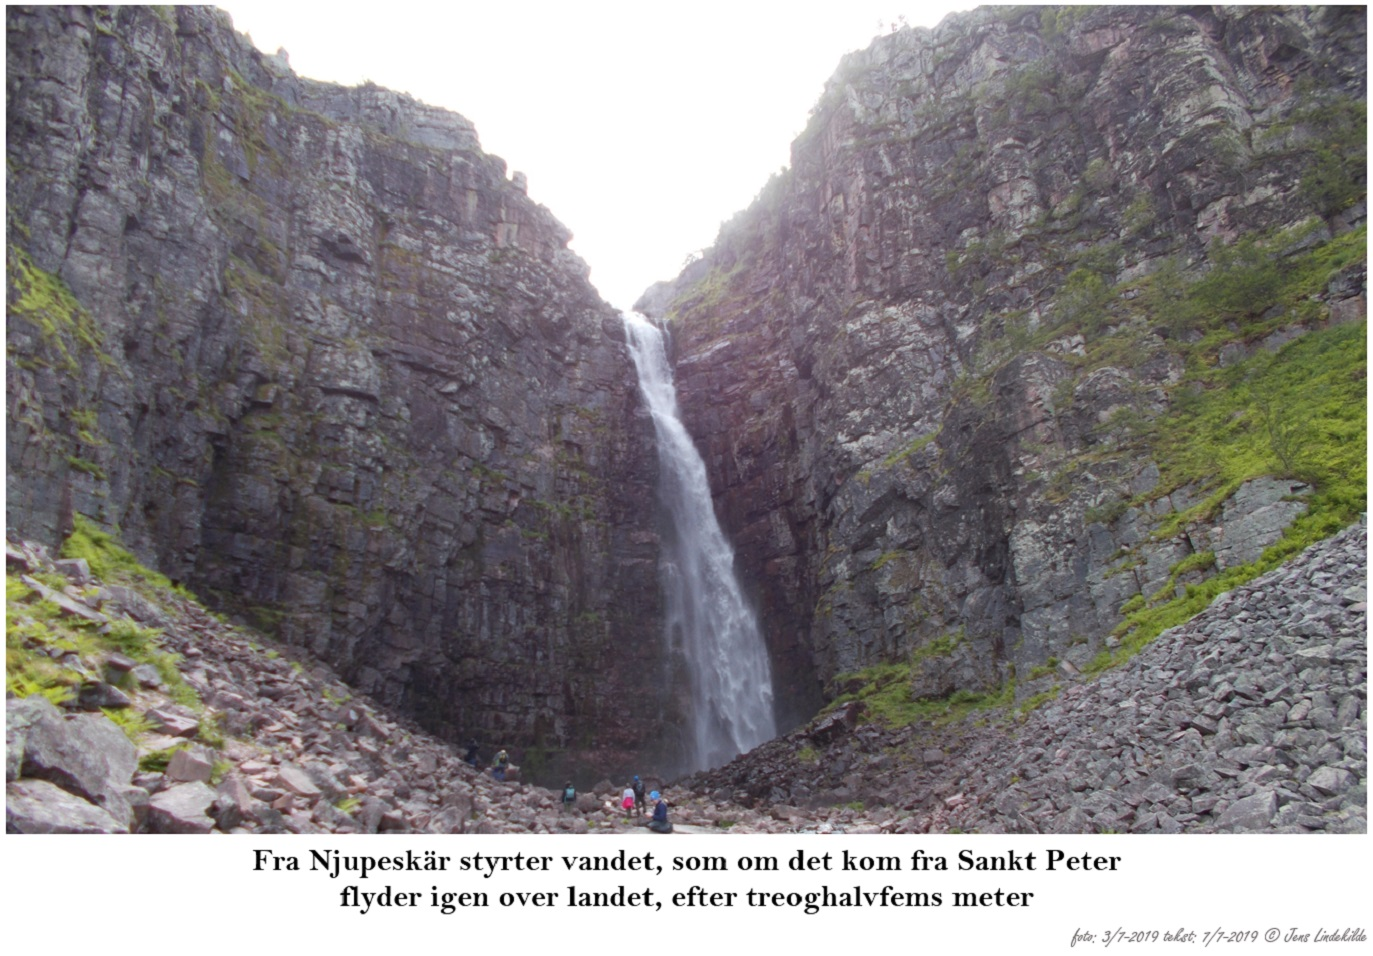 Fra-Njupeskär-styrter-vandet